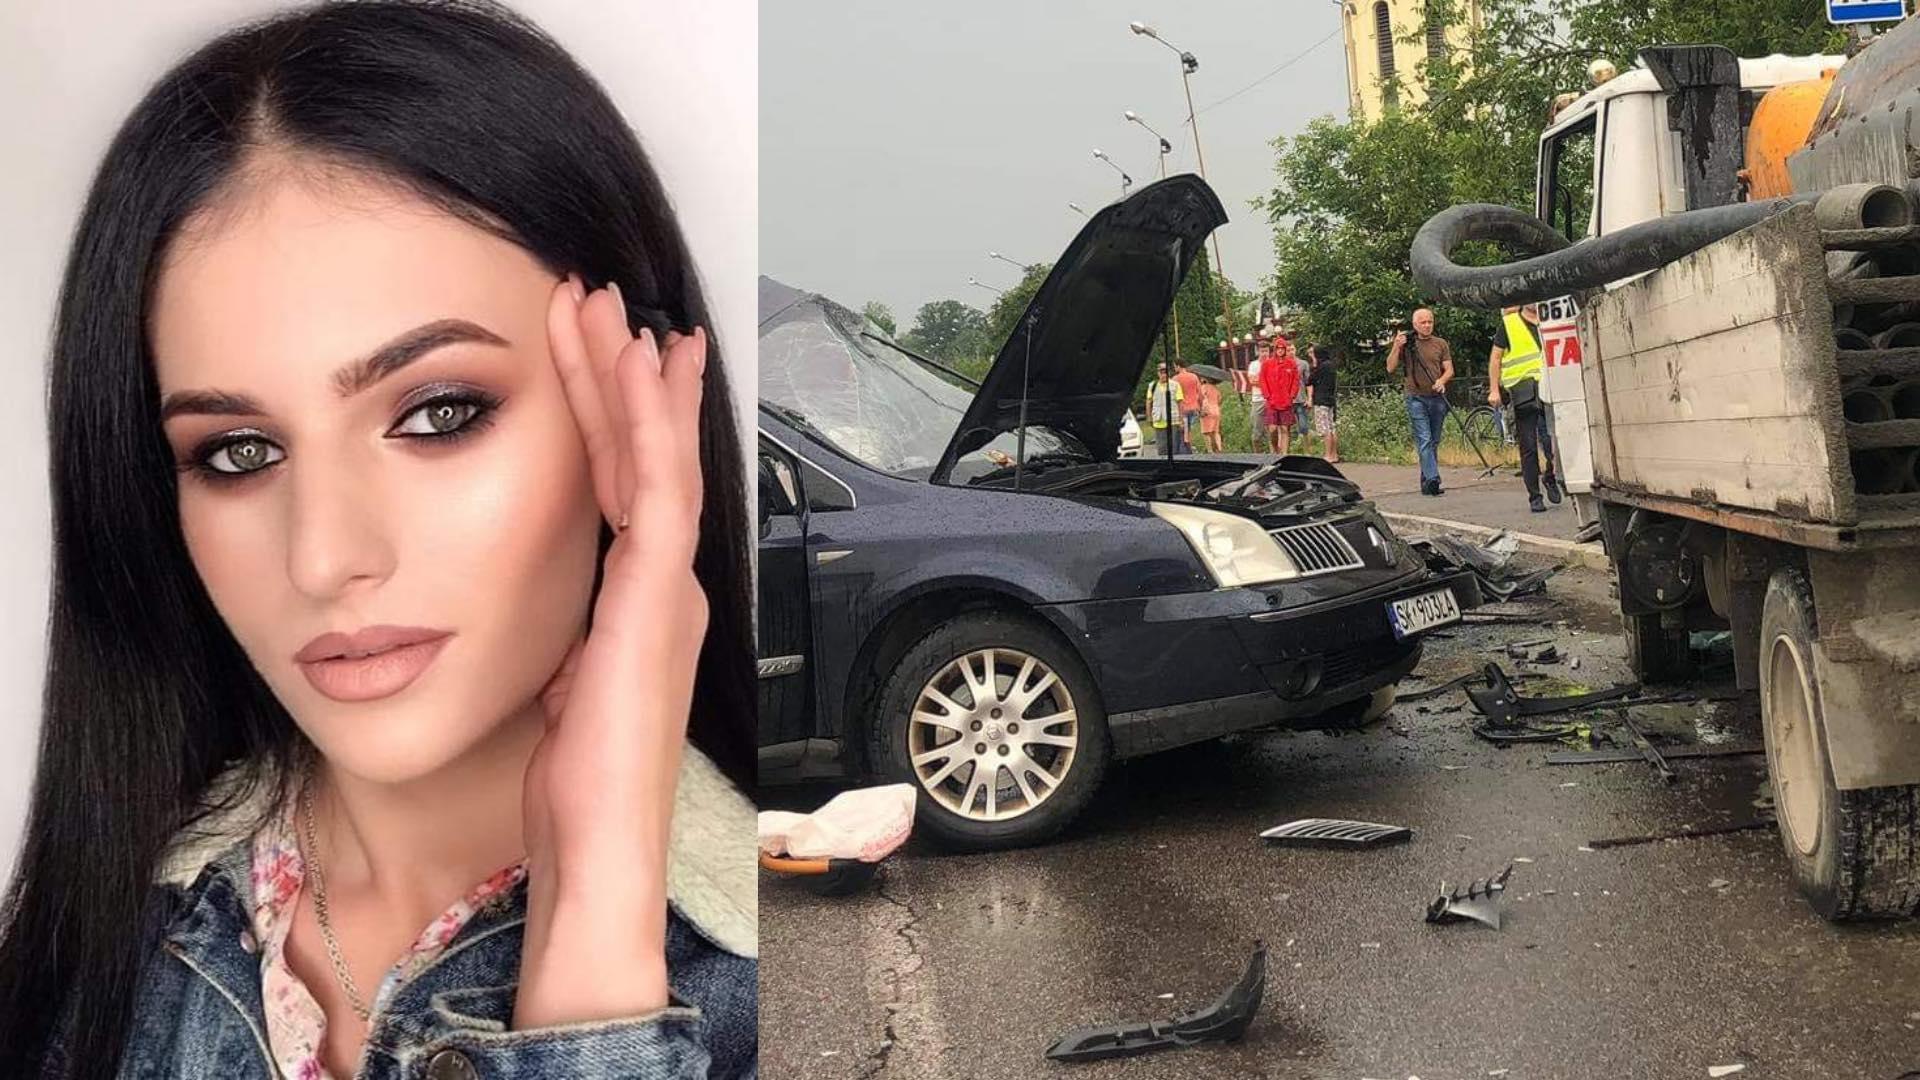 Без батьків і в комі: 19-річна пасажирка зі смертельної ДТП у Бурштині потребує донорів і грошей на лікування (ФОТО)